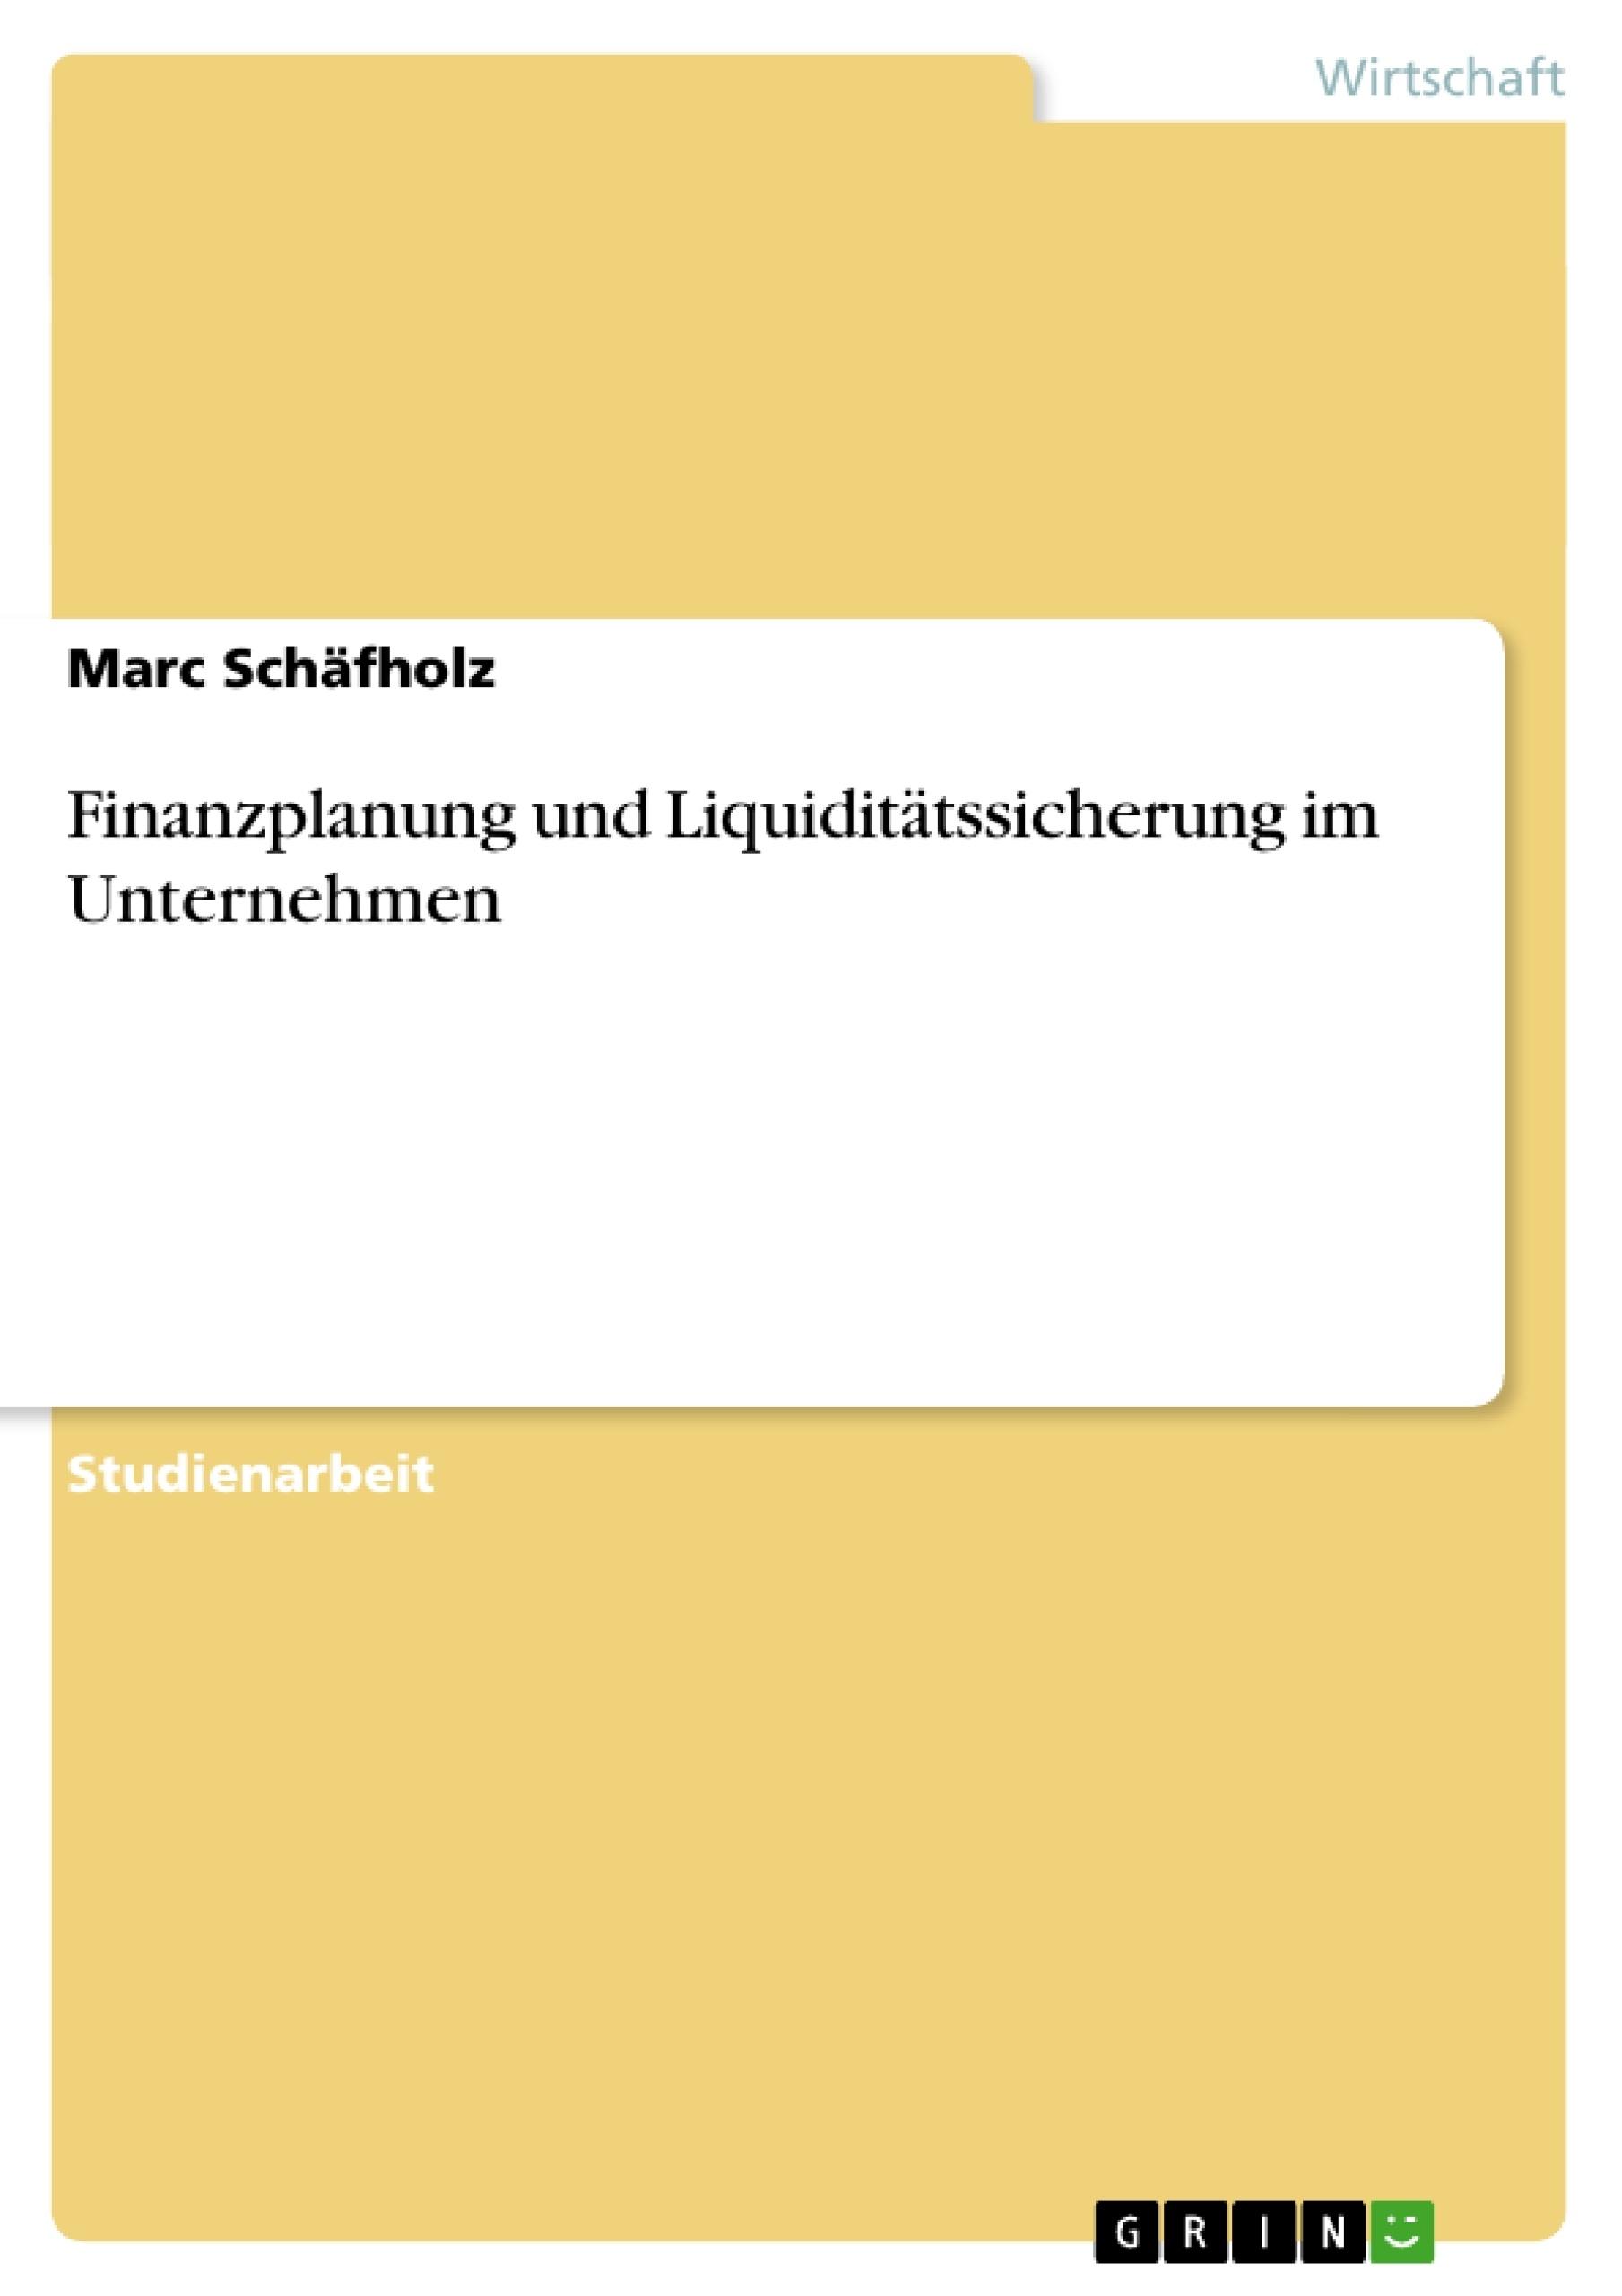 Titel: Finanzplanung und Liquiditätssicherung im Unternehmen